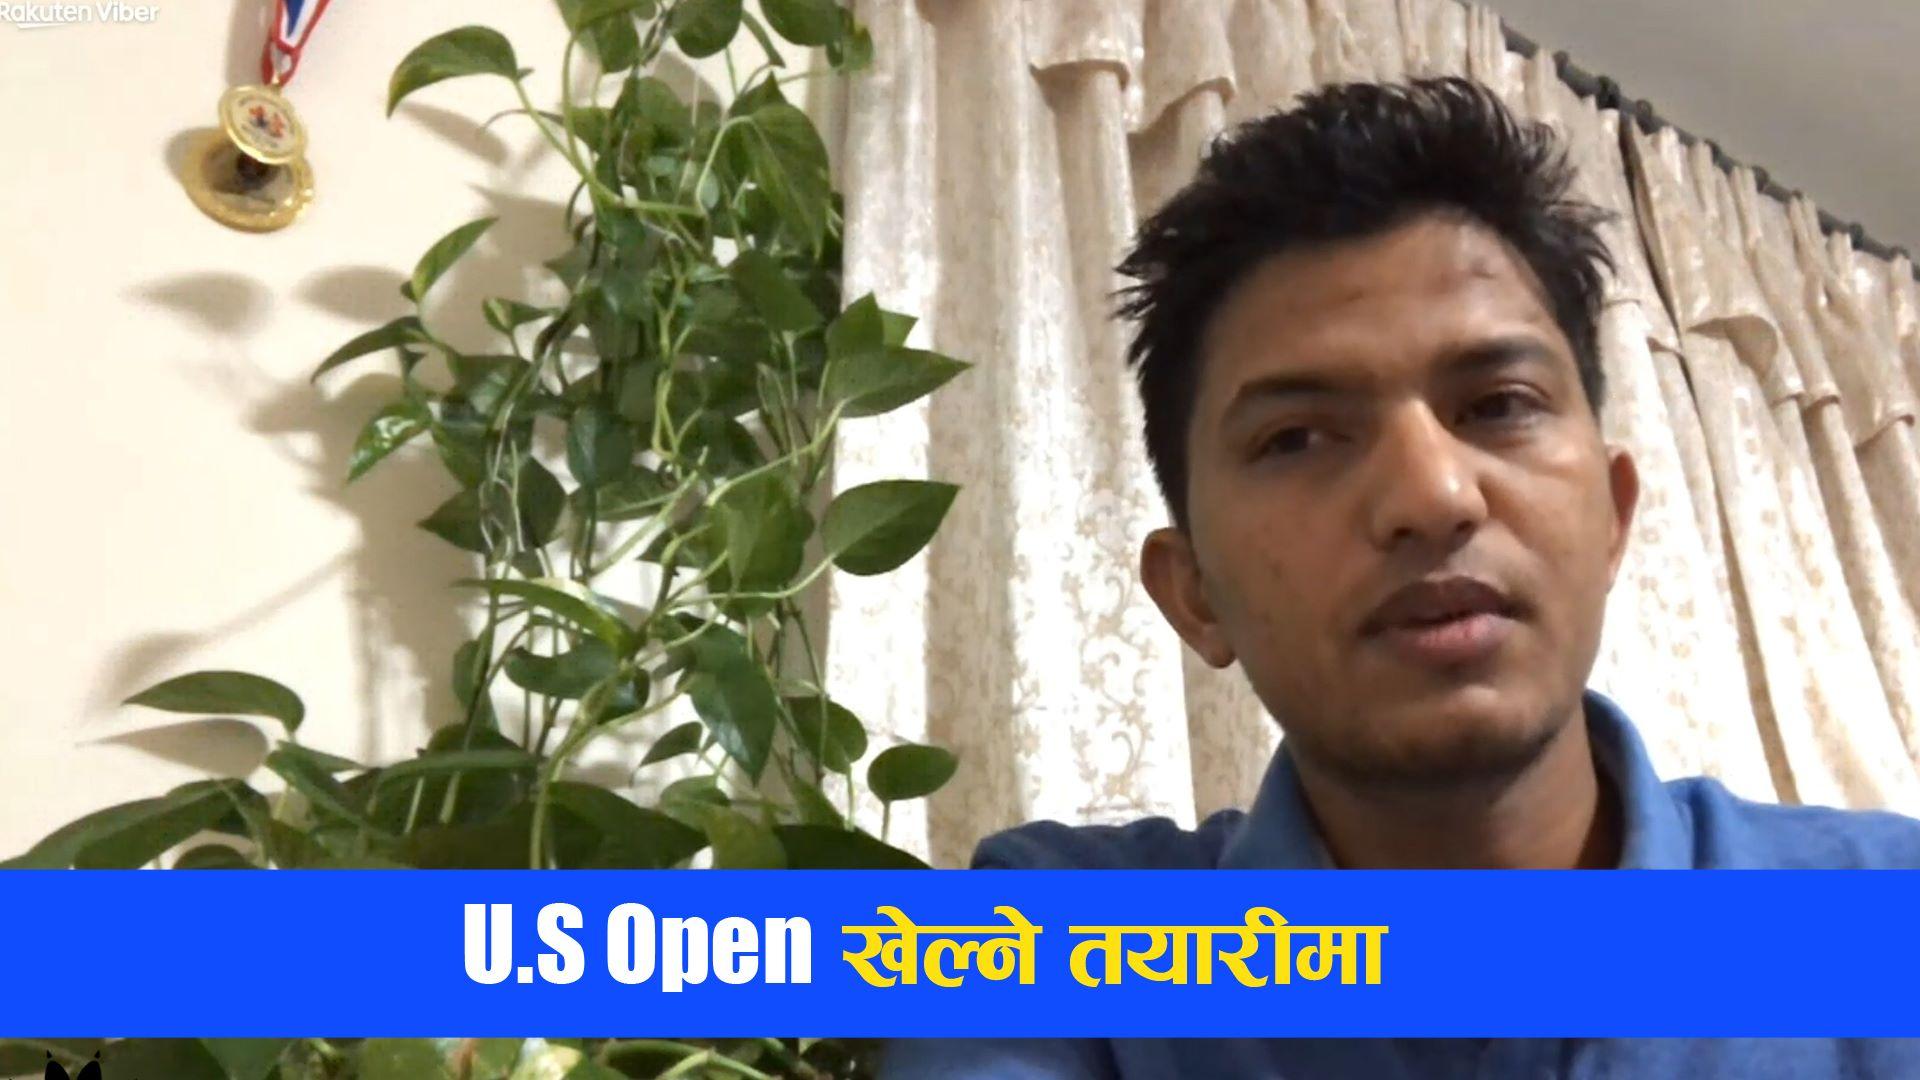 क्यानडामा पनि क्रिकेटमा नै ब्यस्त रहेका नरेश भन्छन-'नेपालबाट खेल्न फेरी फर्किनेछु'